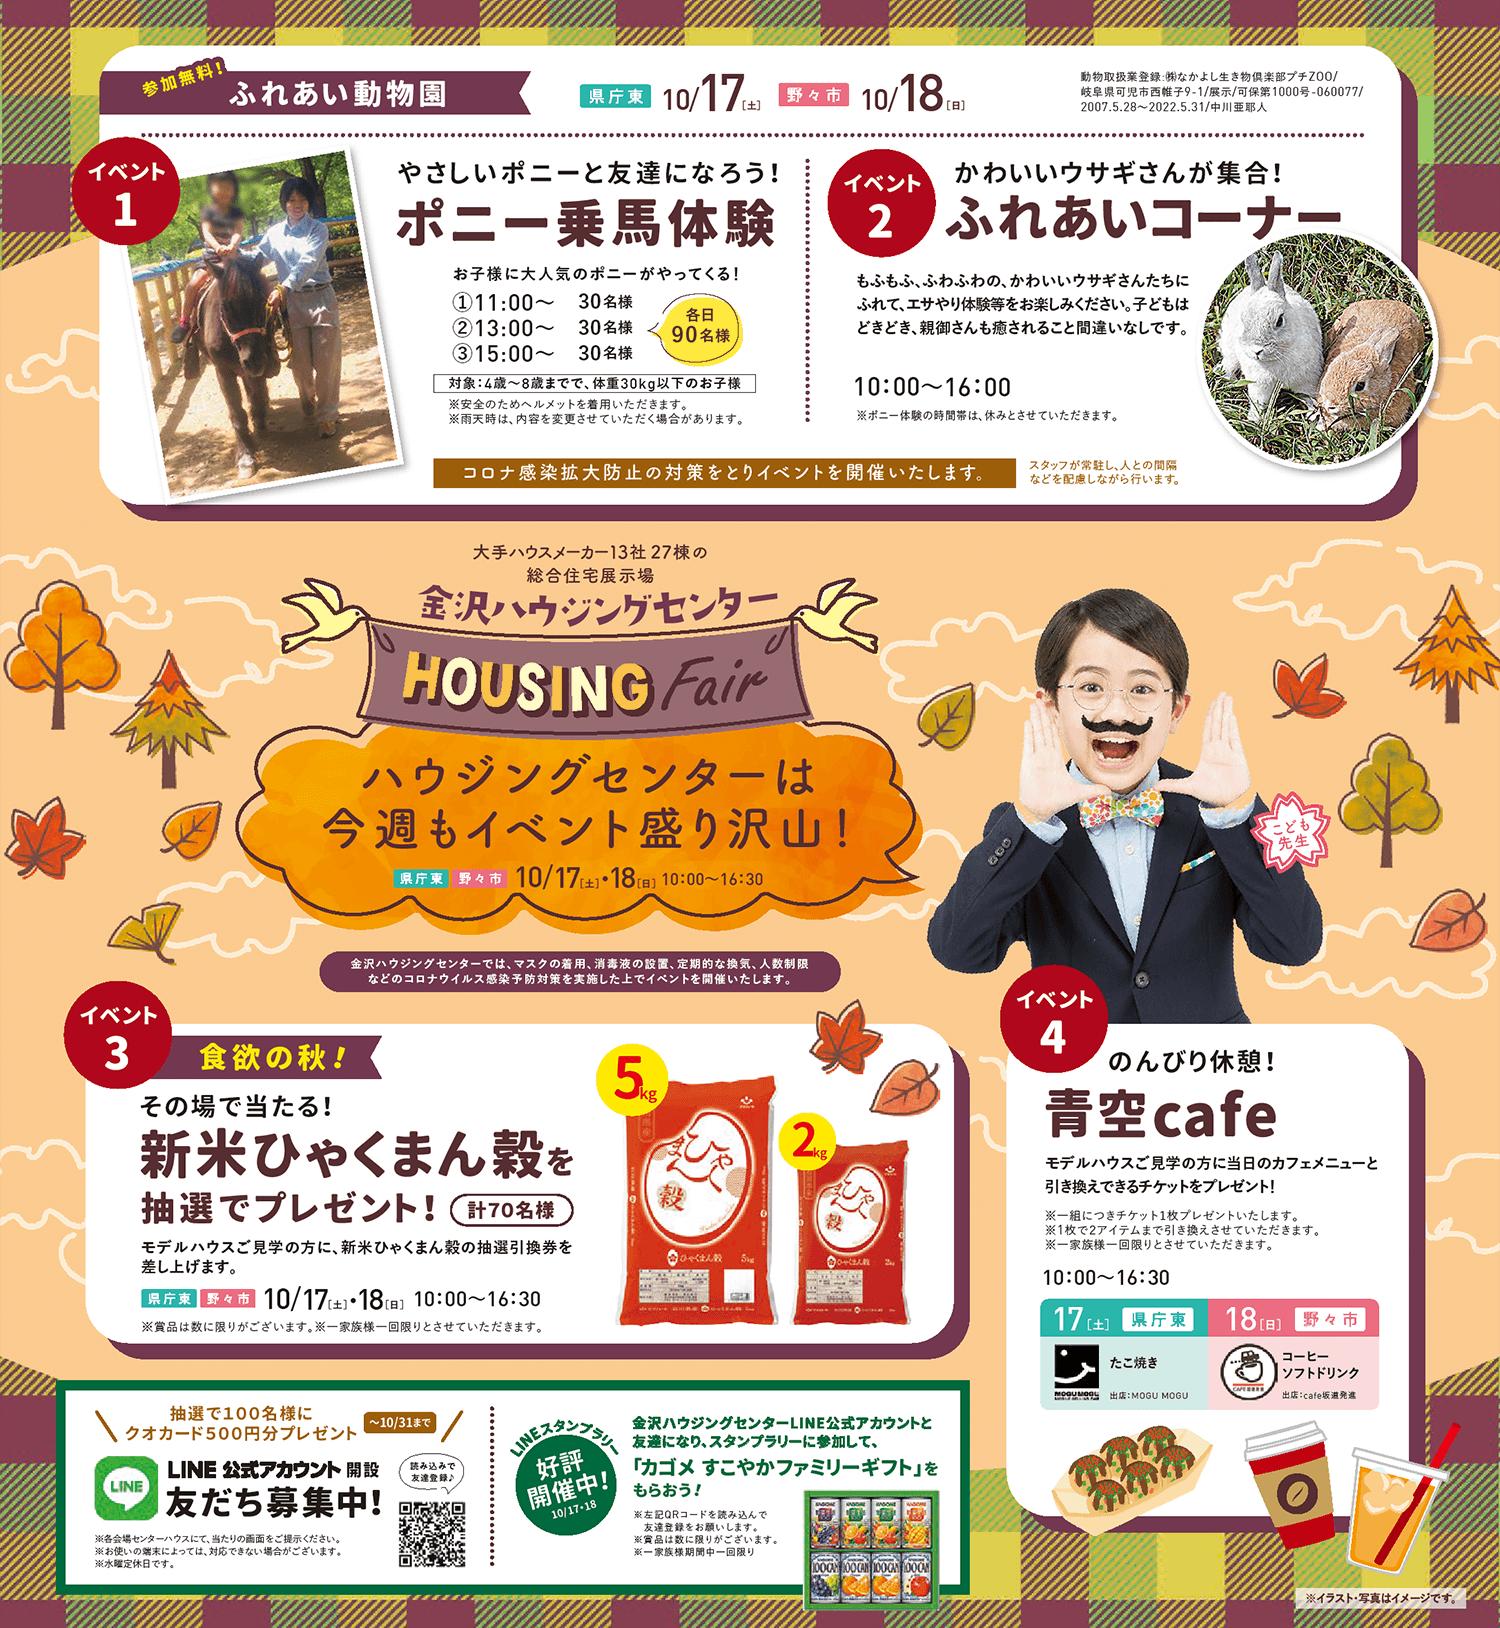 10月17日、18日は金沢ハウジングセンターハウジングフェア